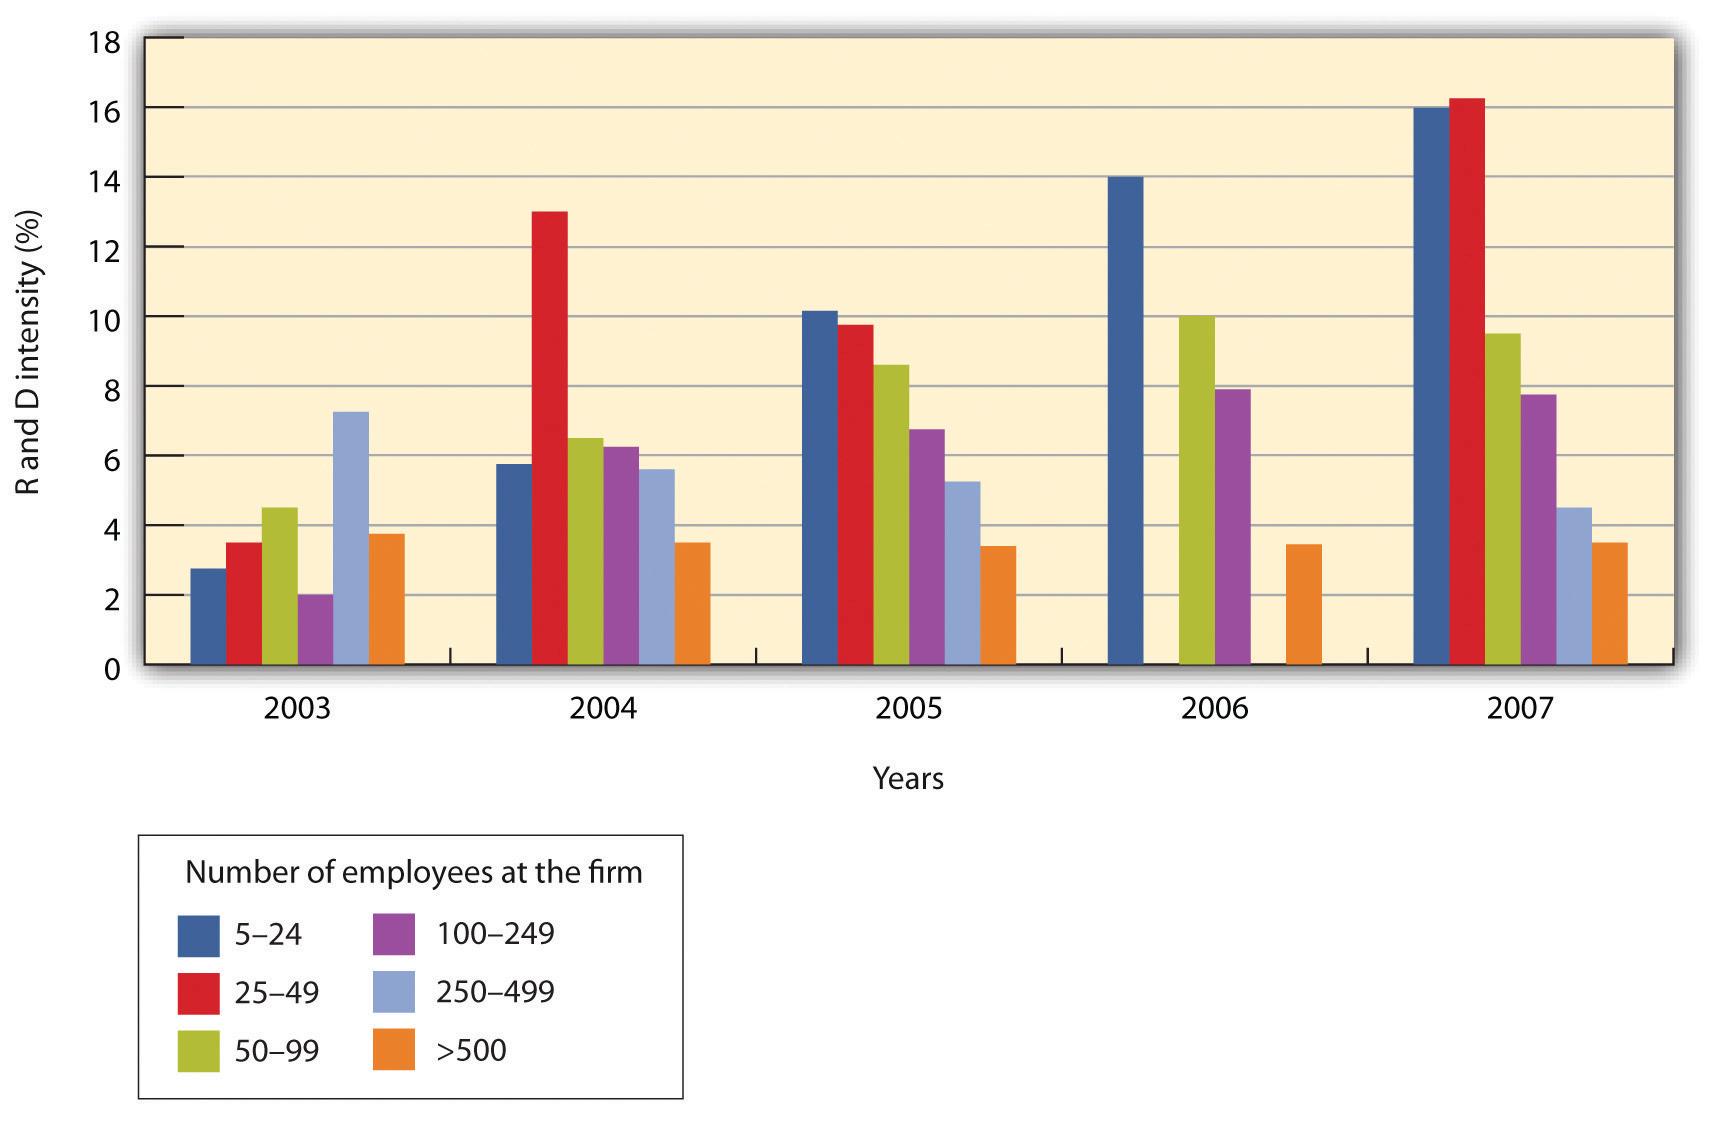 Grafic - Intensitatea cercetării și dezvoltării în funcție de dimensiunea firmei de-a lungul anilor